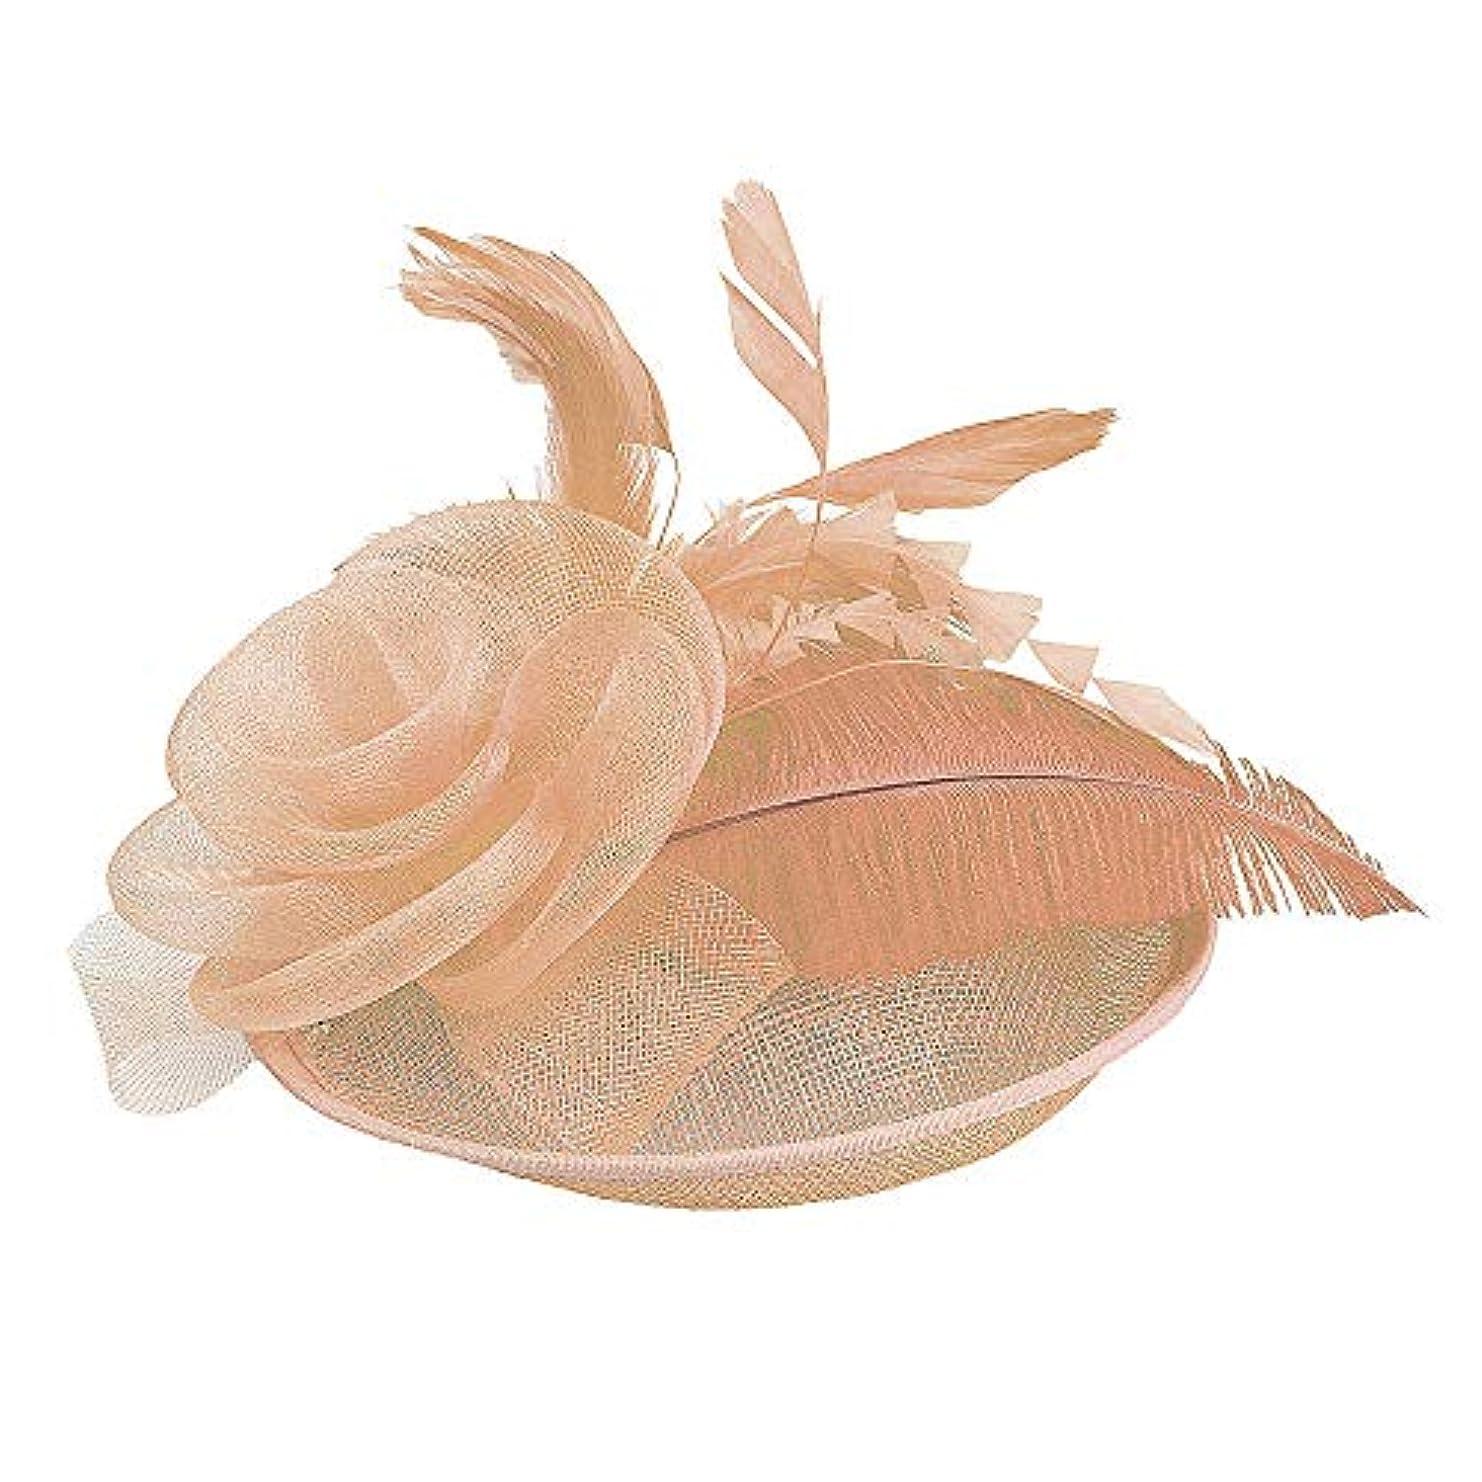 コットンあそこ統合Merssavo 英国スタイルのブライダル帽子、女性のエレガントな花の羽のベールの帽子ヴィンテージリネンティアラヘアアクセサリードレス帽子、9#